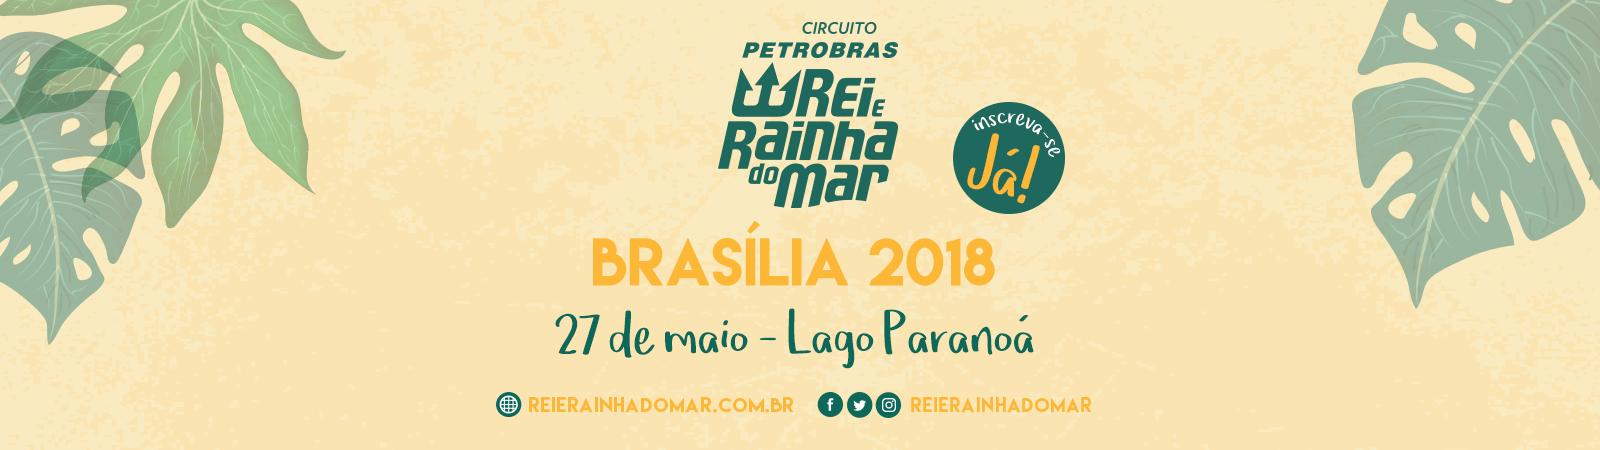 CIRCUITO PETROBRAS REI E RAINHA DO MAR - ETAPA Brasília - Imagem de topo